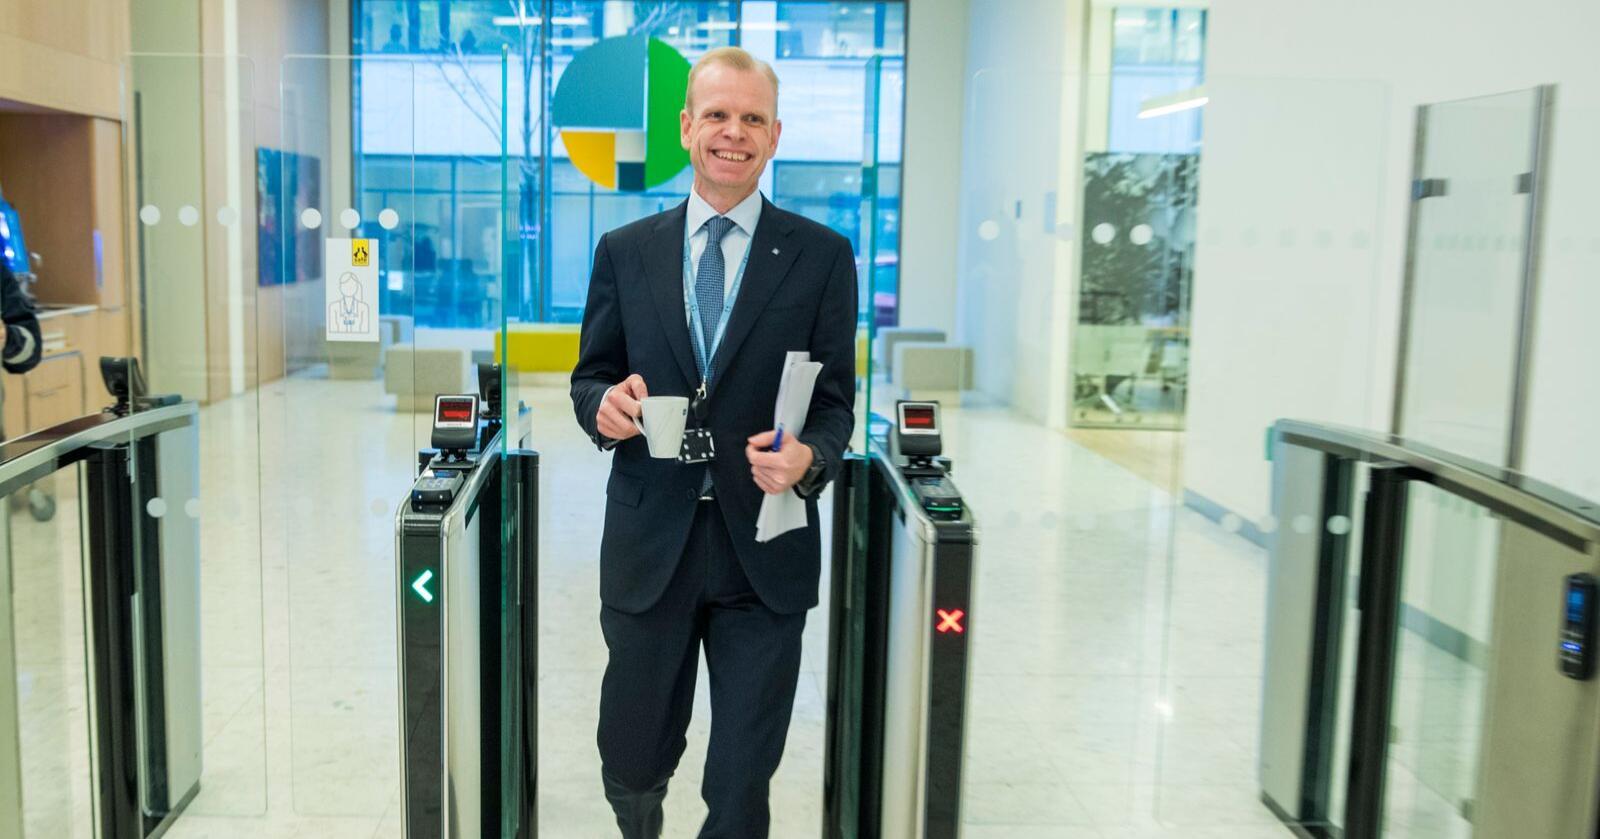 Yaras toppsjef Svein Tore Holsether er innstilt som ny president i NHO. Foto: Terje Pedersen / NTB